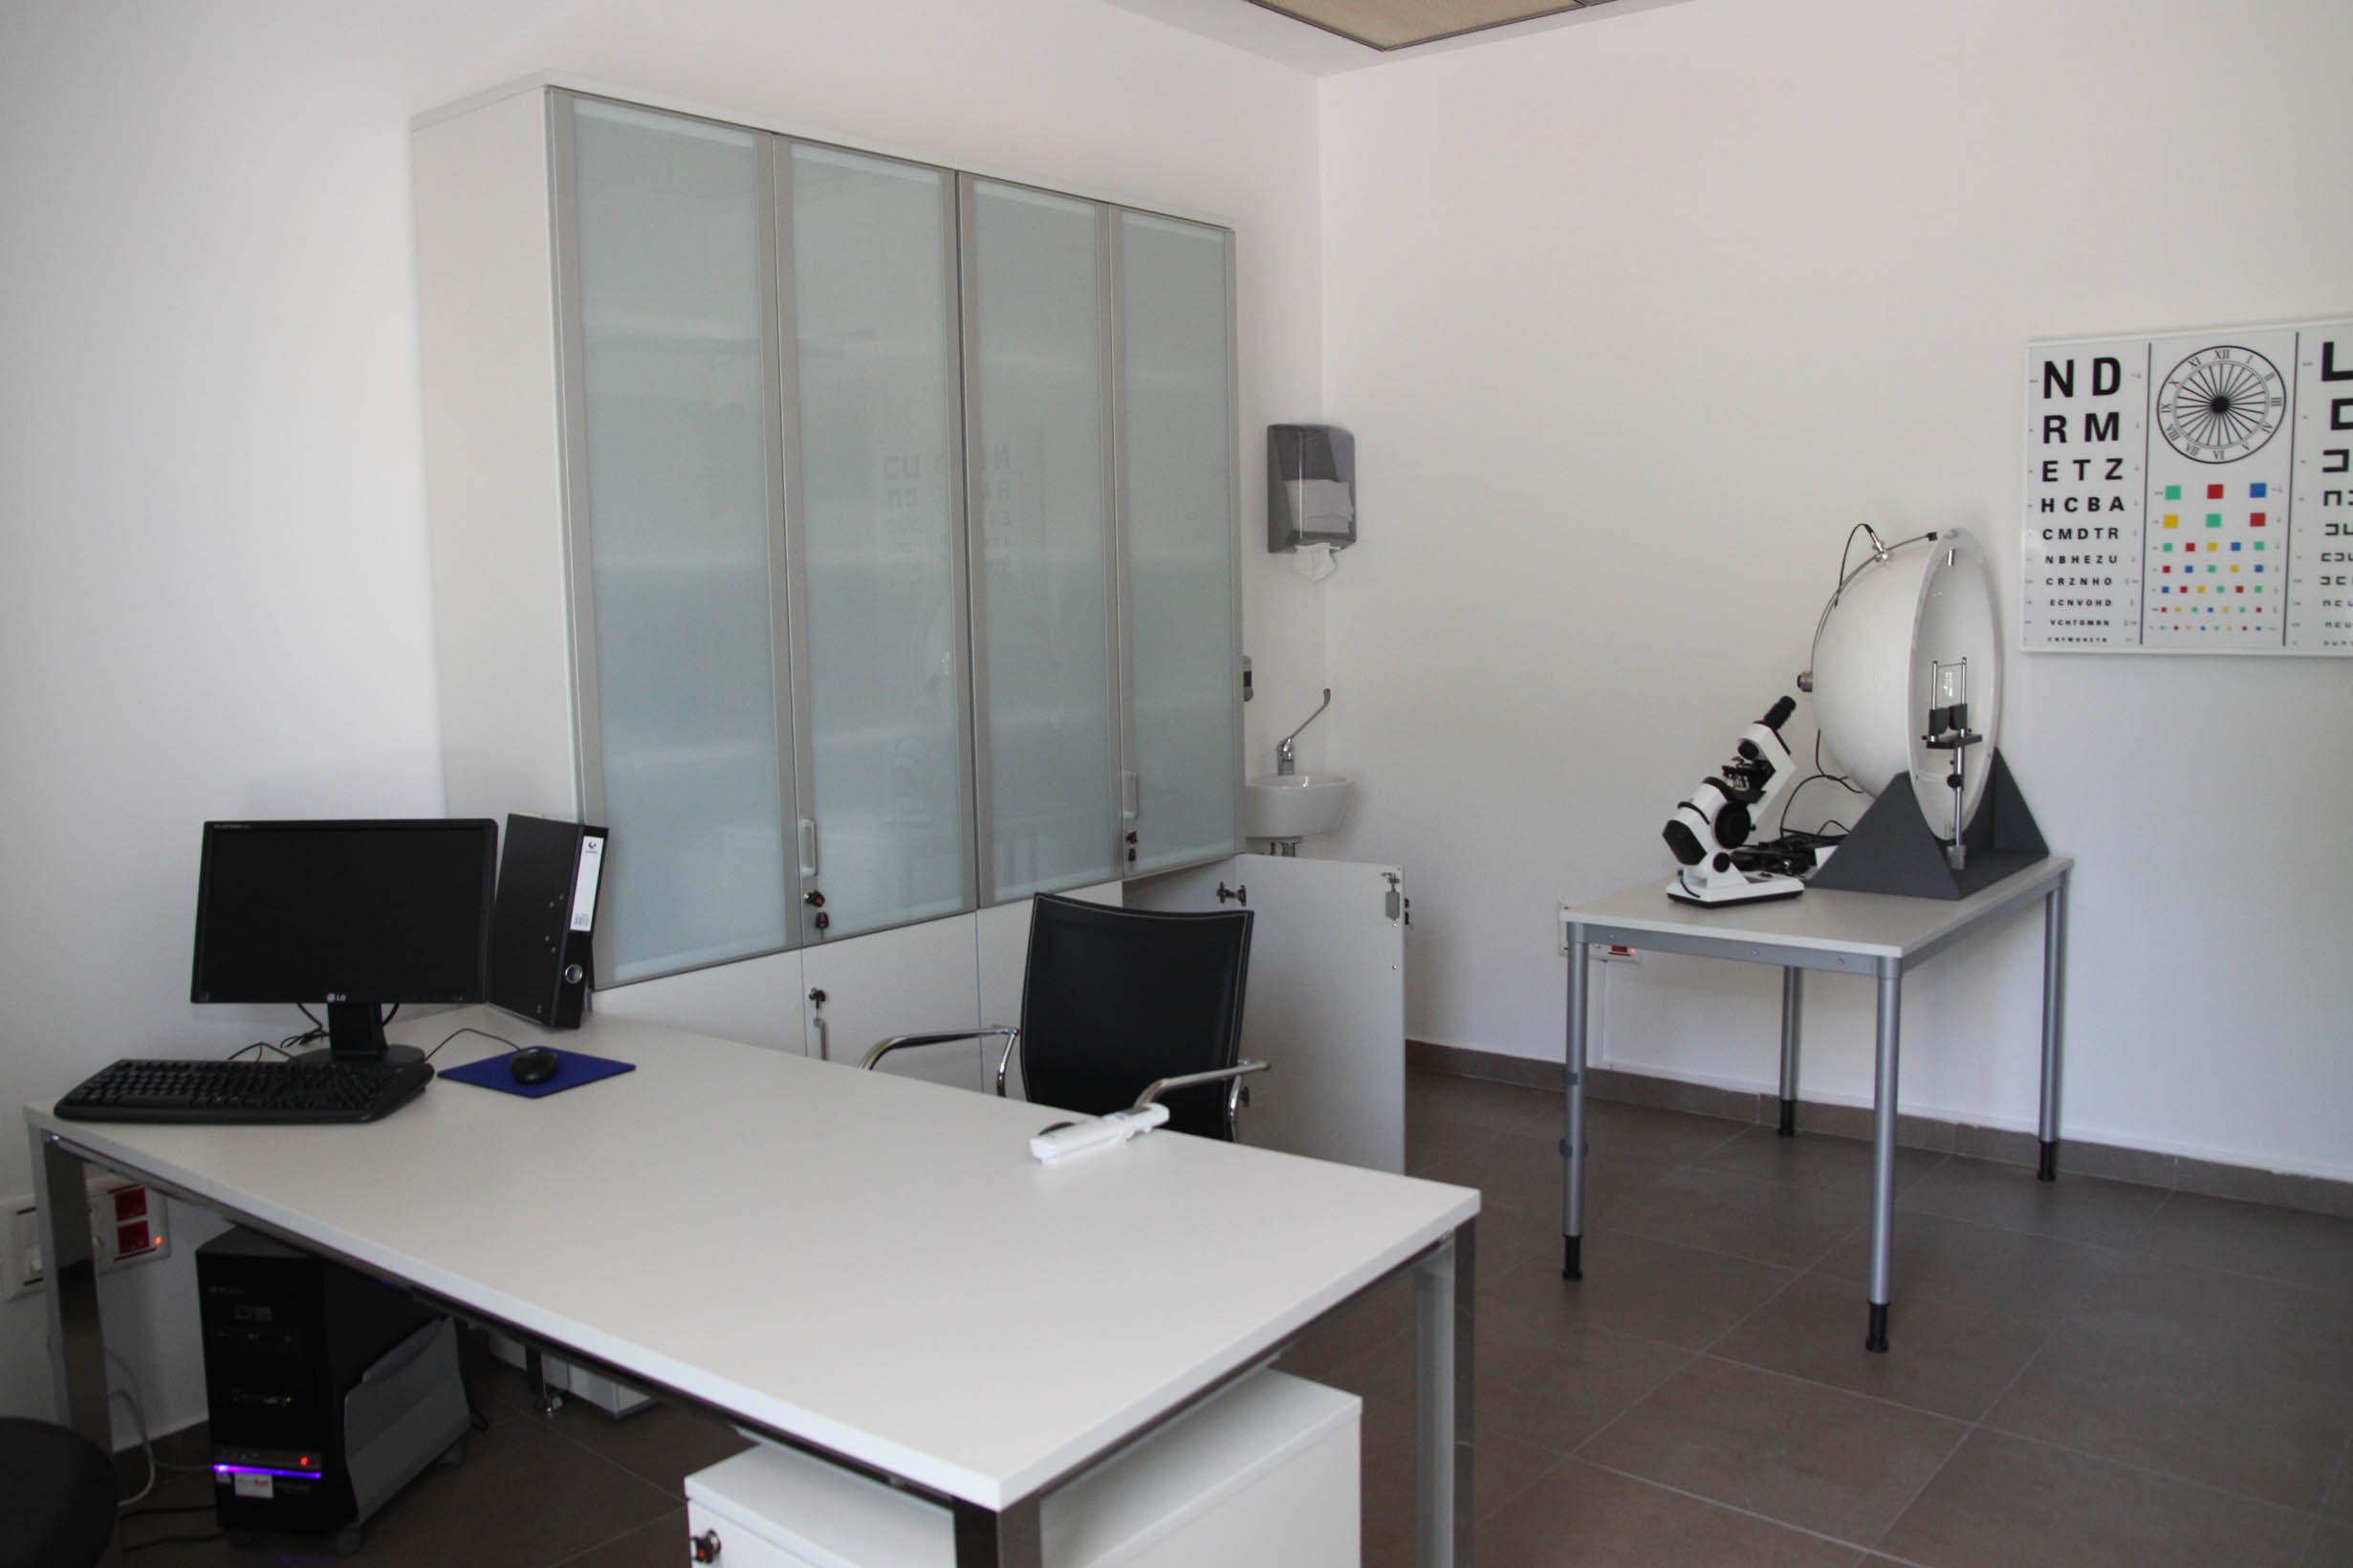 Foto 7 de Reconocimientos y certificados médicos en Segovia | Crm Nueva Segovia